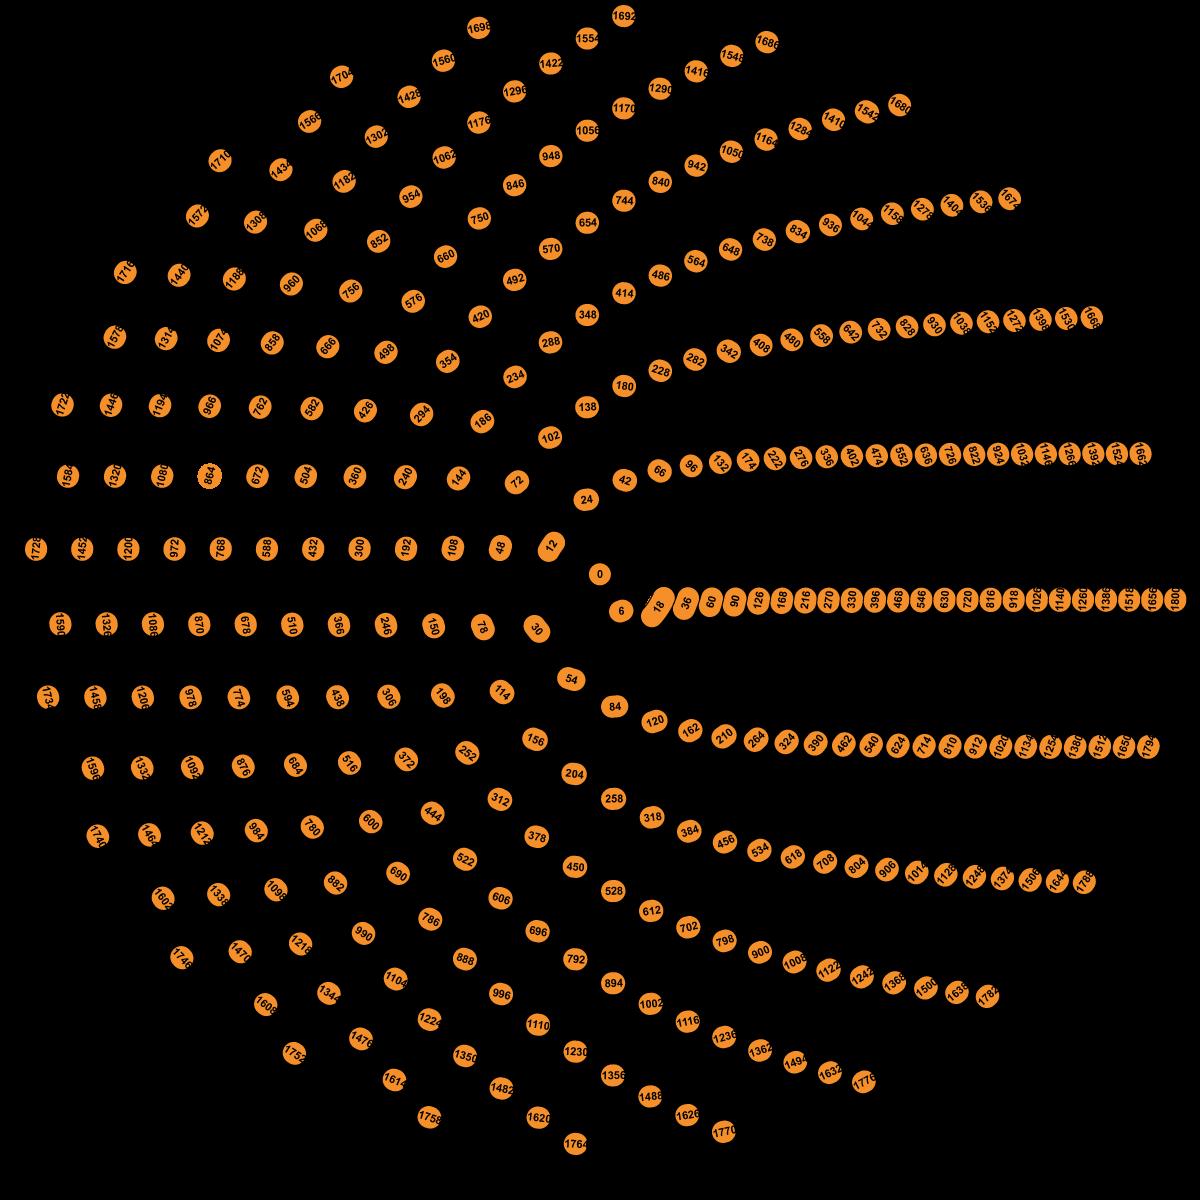 hexapolar-spiral-layer1